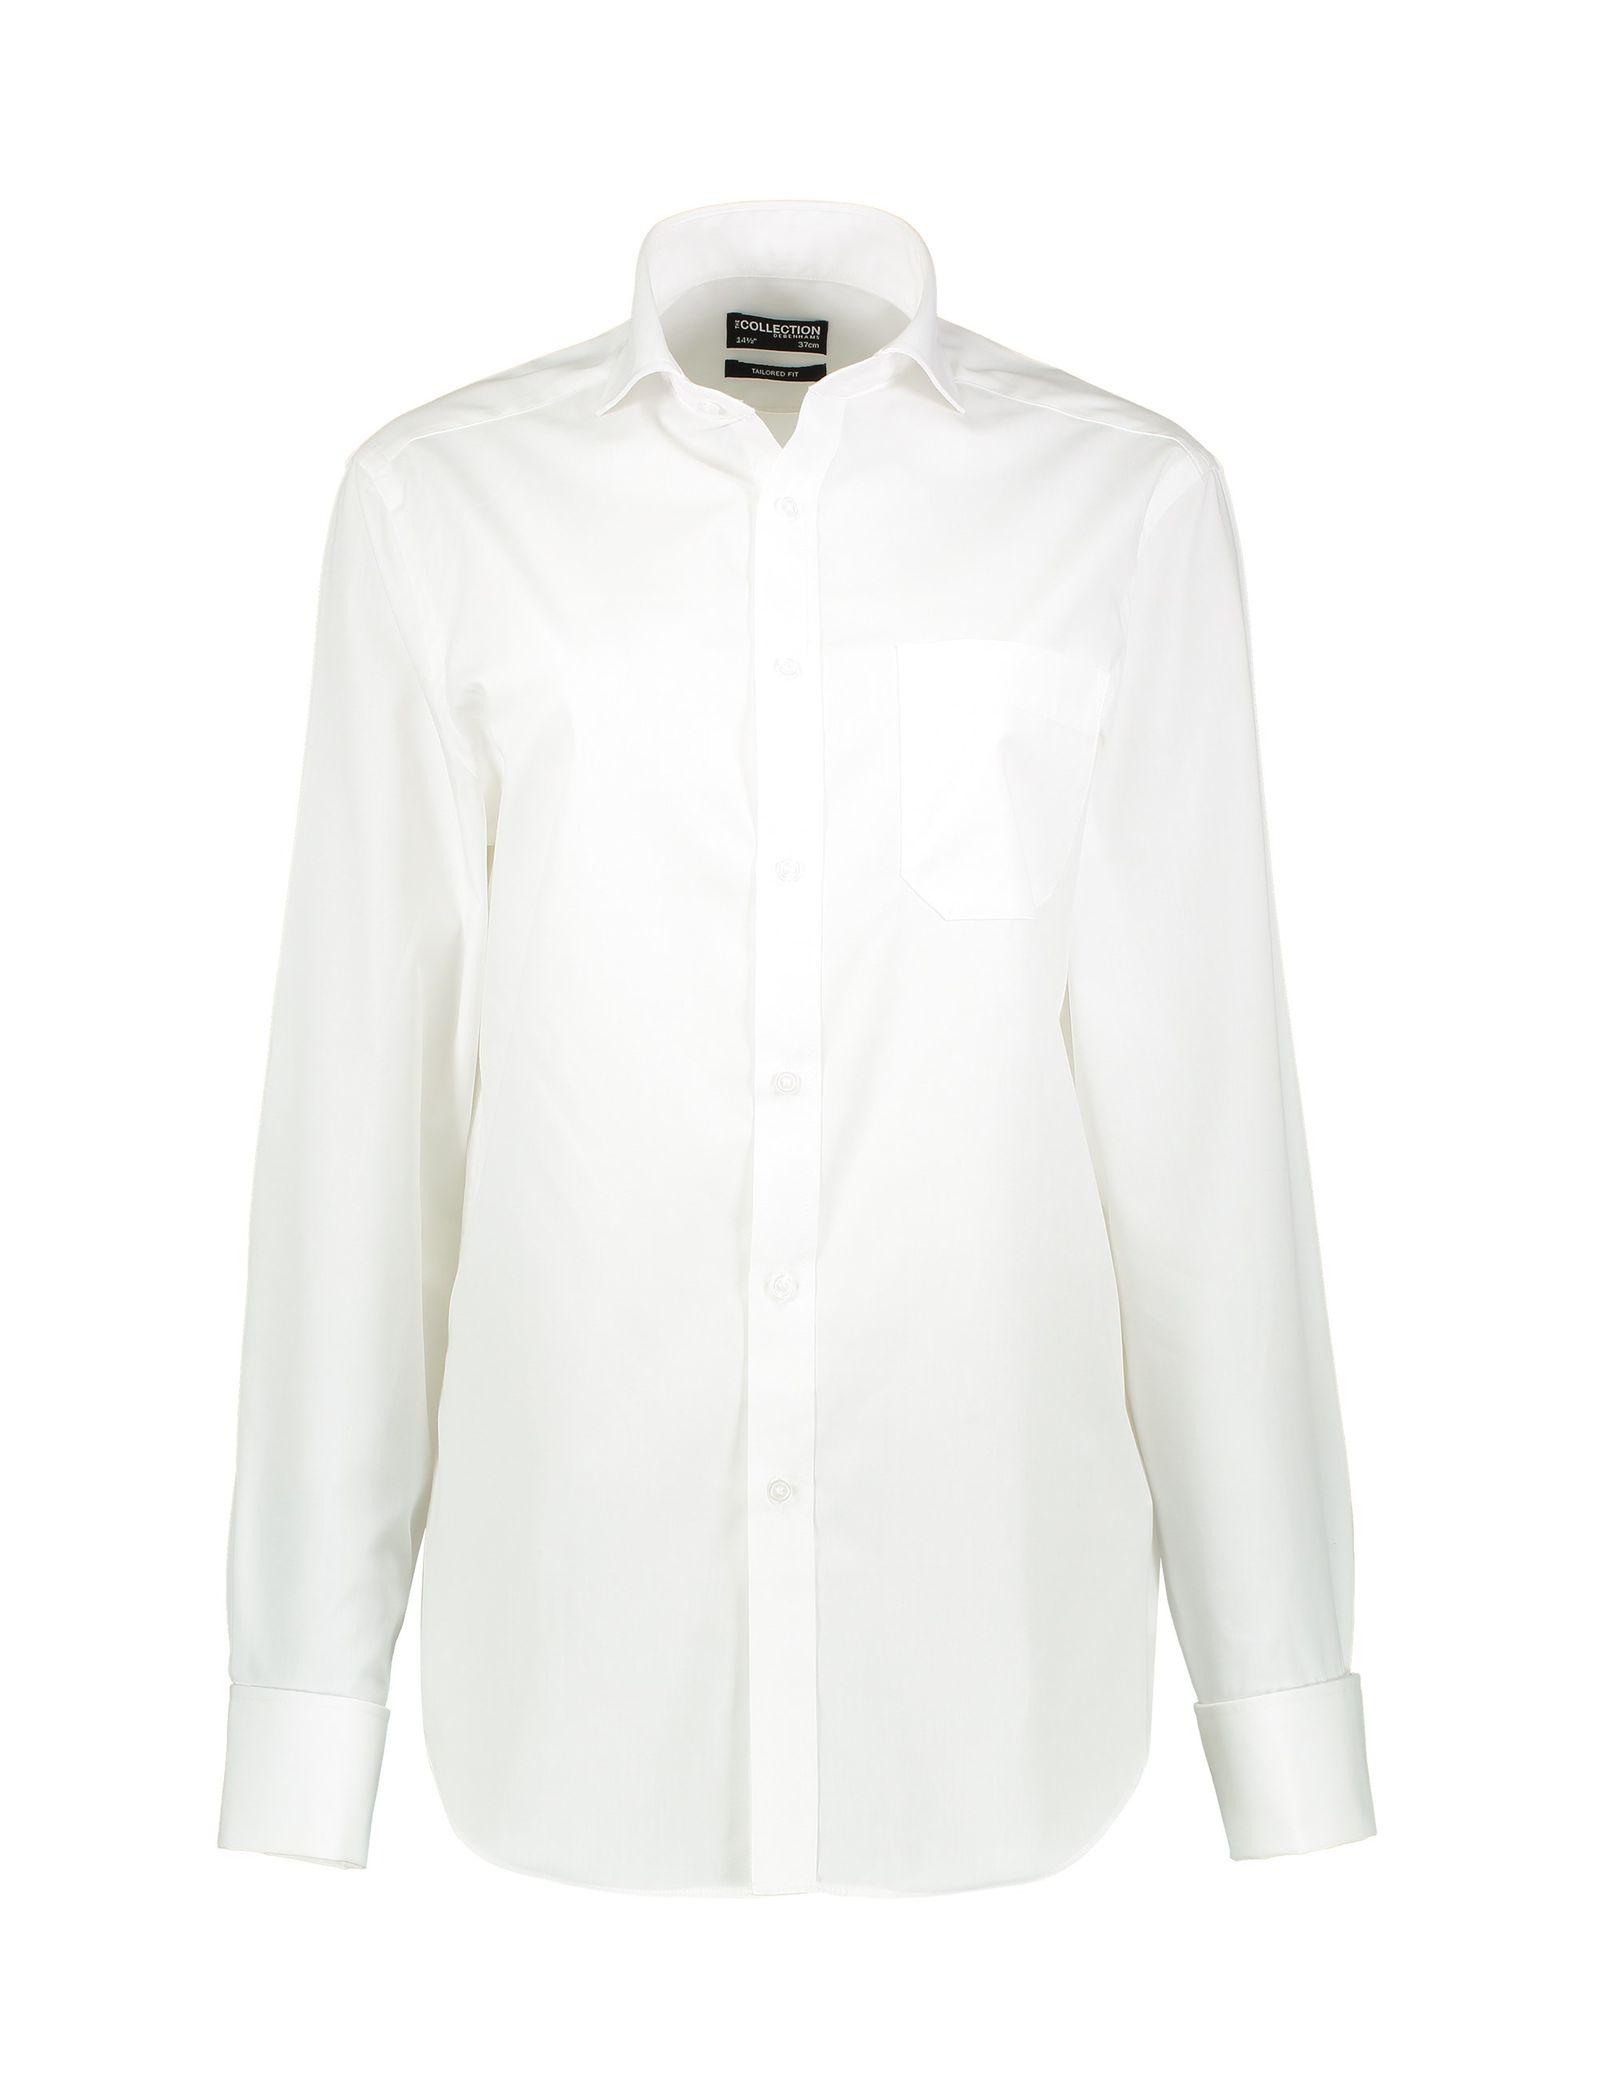 پیراهن آستین بلند مردانه - کالکشن - سفيد - 1